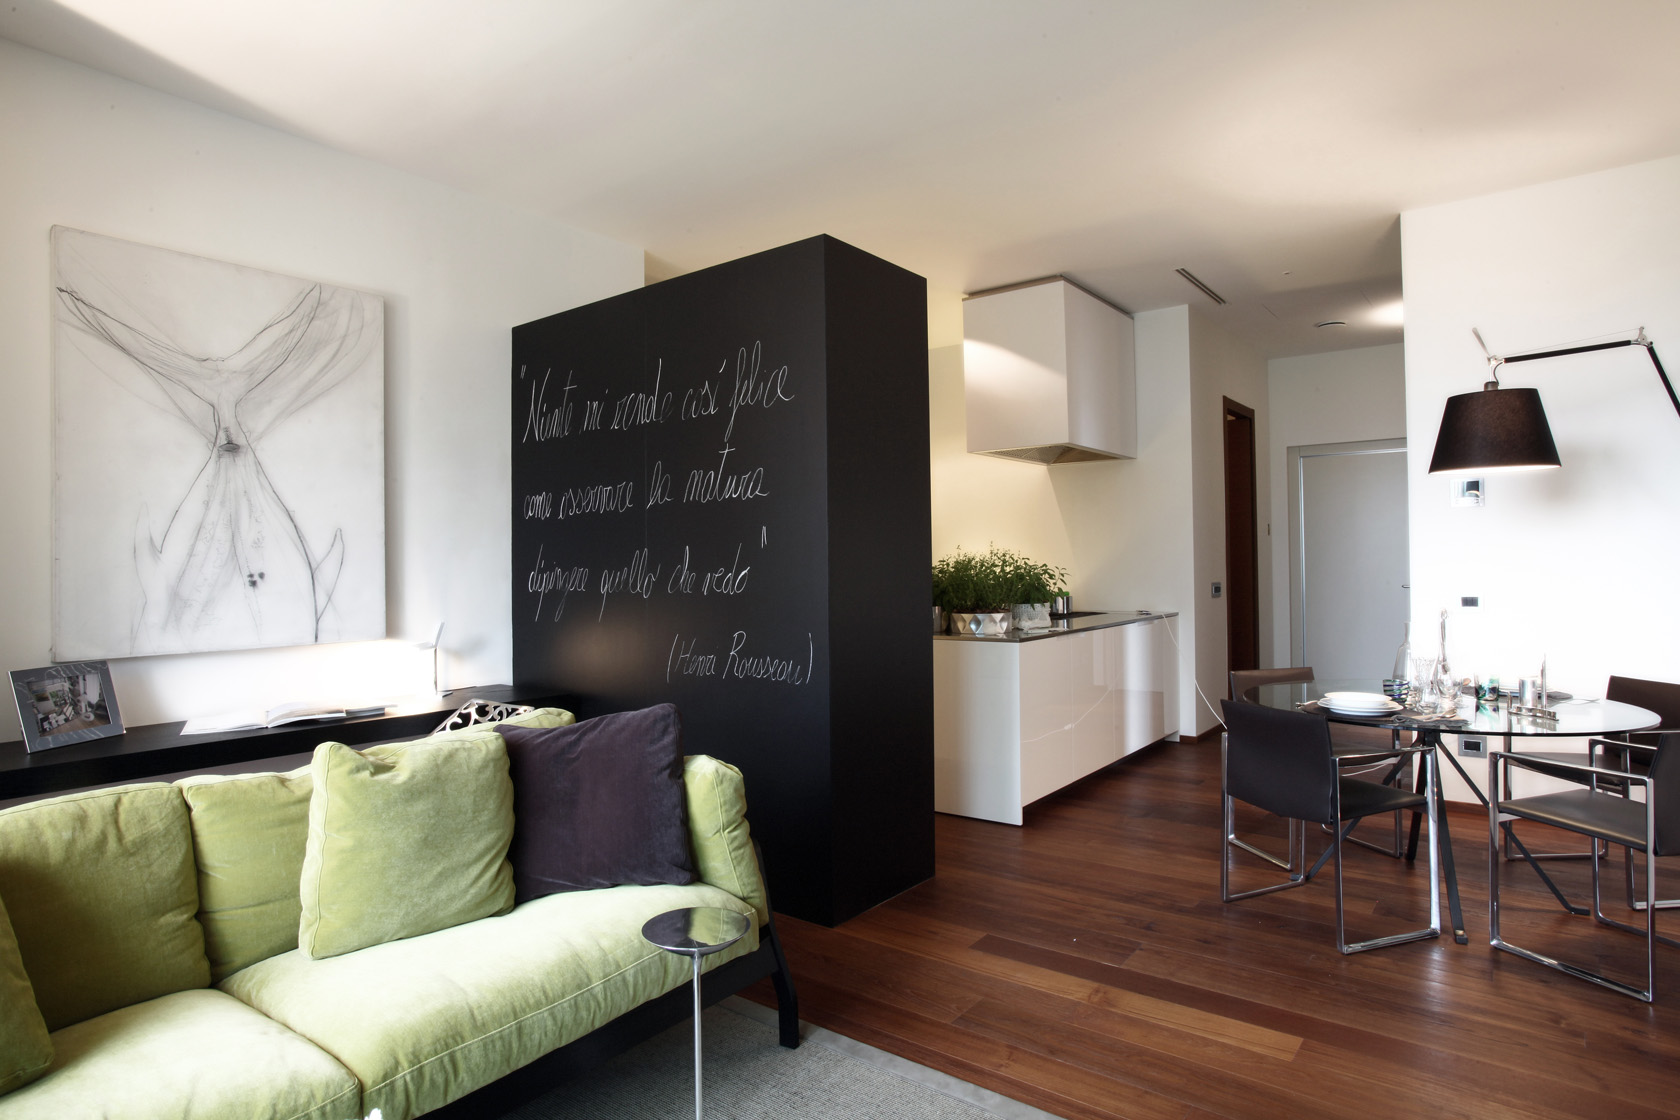 Bosco verticale milano vimar energia positiva for Milano appartamenti